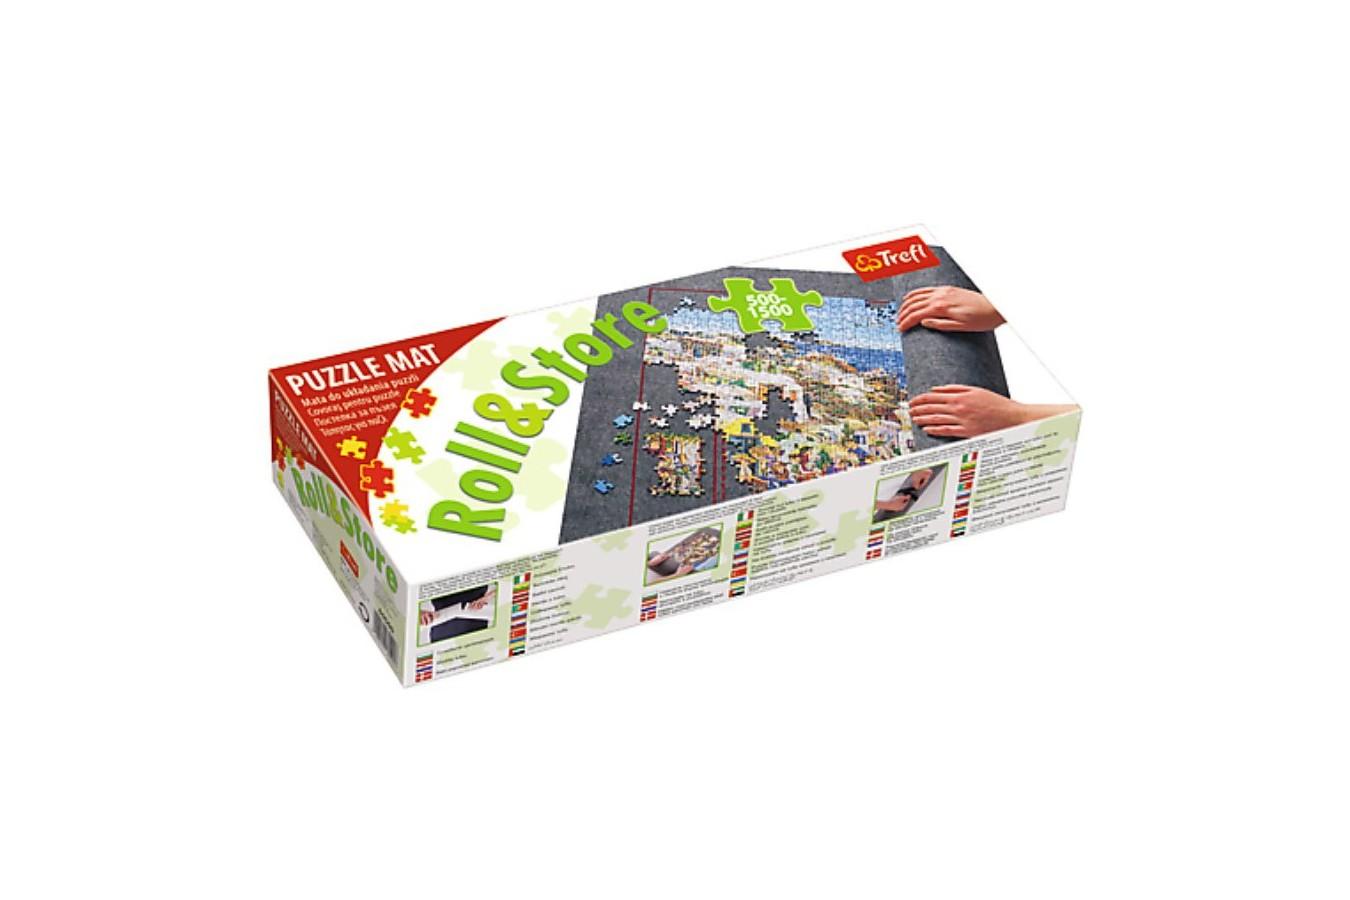 Covor Pentru Rulat Puzzle - Trefl Roll & Store 500 - 1.500 Pieces (60985) imagine